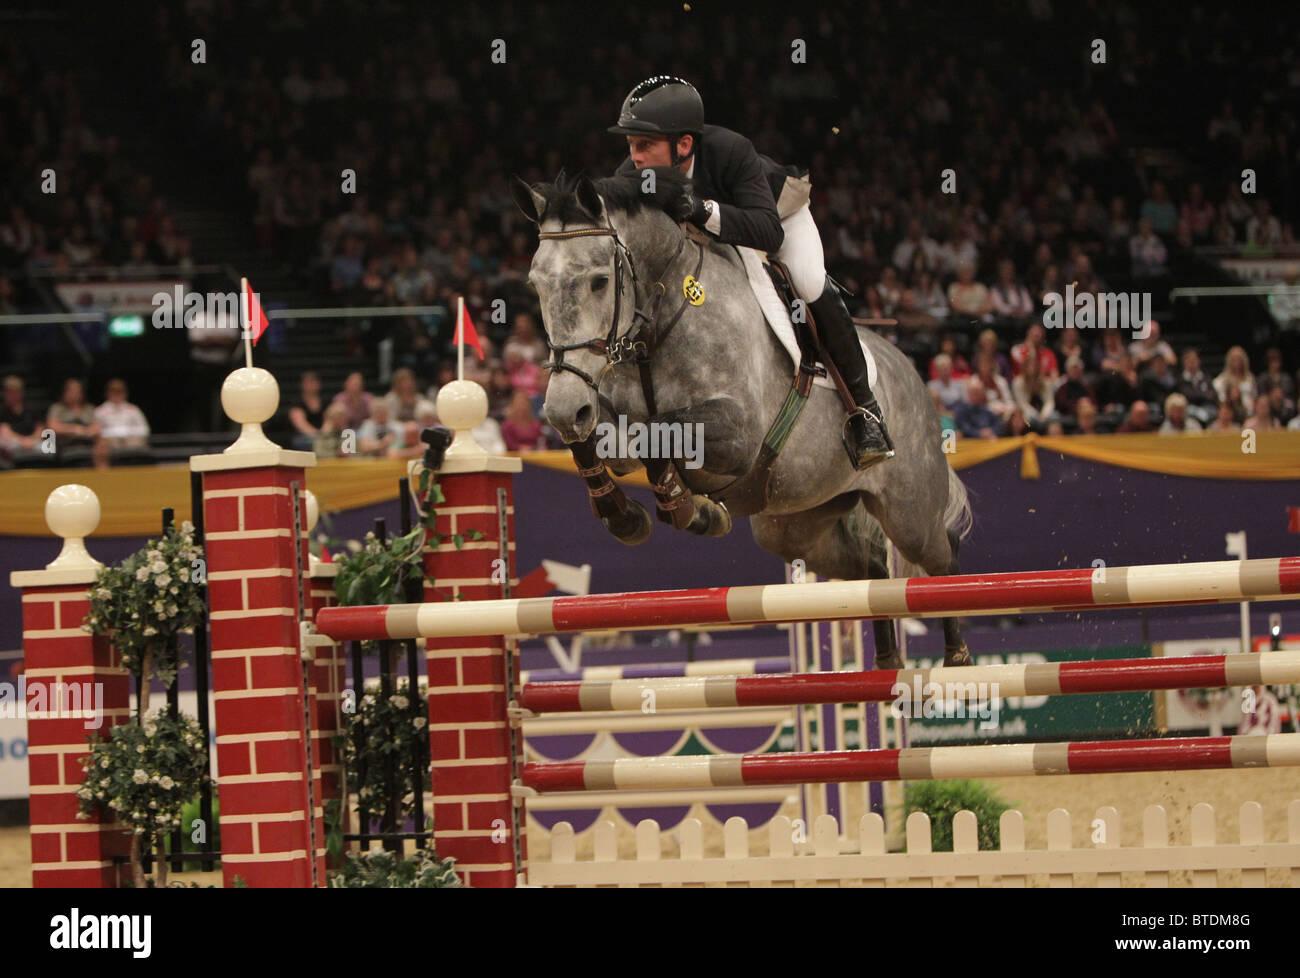 Horse Show de l'année, gris cheval, cso Photo Stock